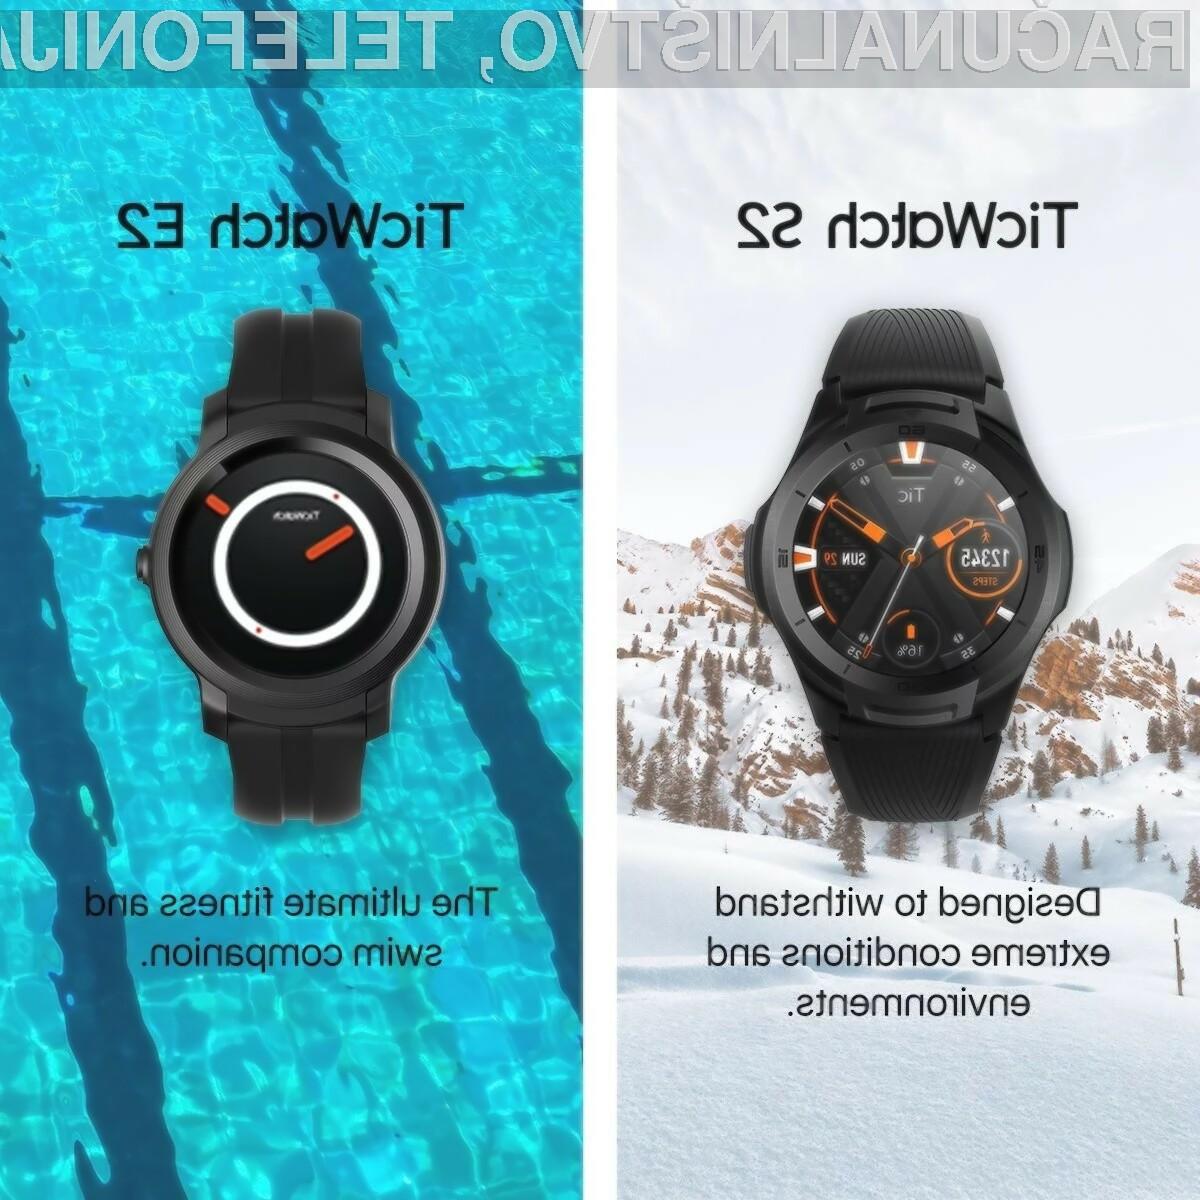 Tako pametna ročna ura Ticwatch E2 kot Ticwatch S2 bosta na voljo tudi na evropskem trgu. Njihova maloprodajna cena pa bo nekoliko višja kot na ameriškem trgu, saj se bo gibala okoli 200 evrov.